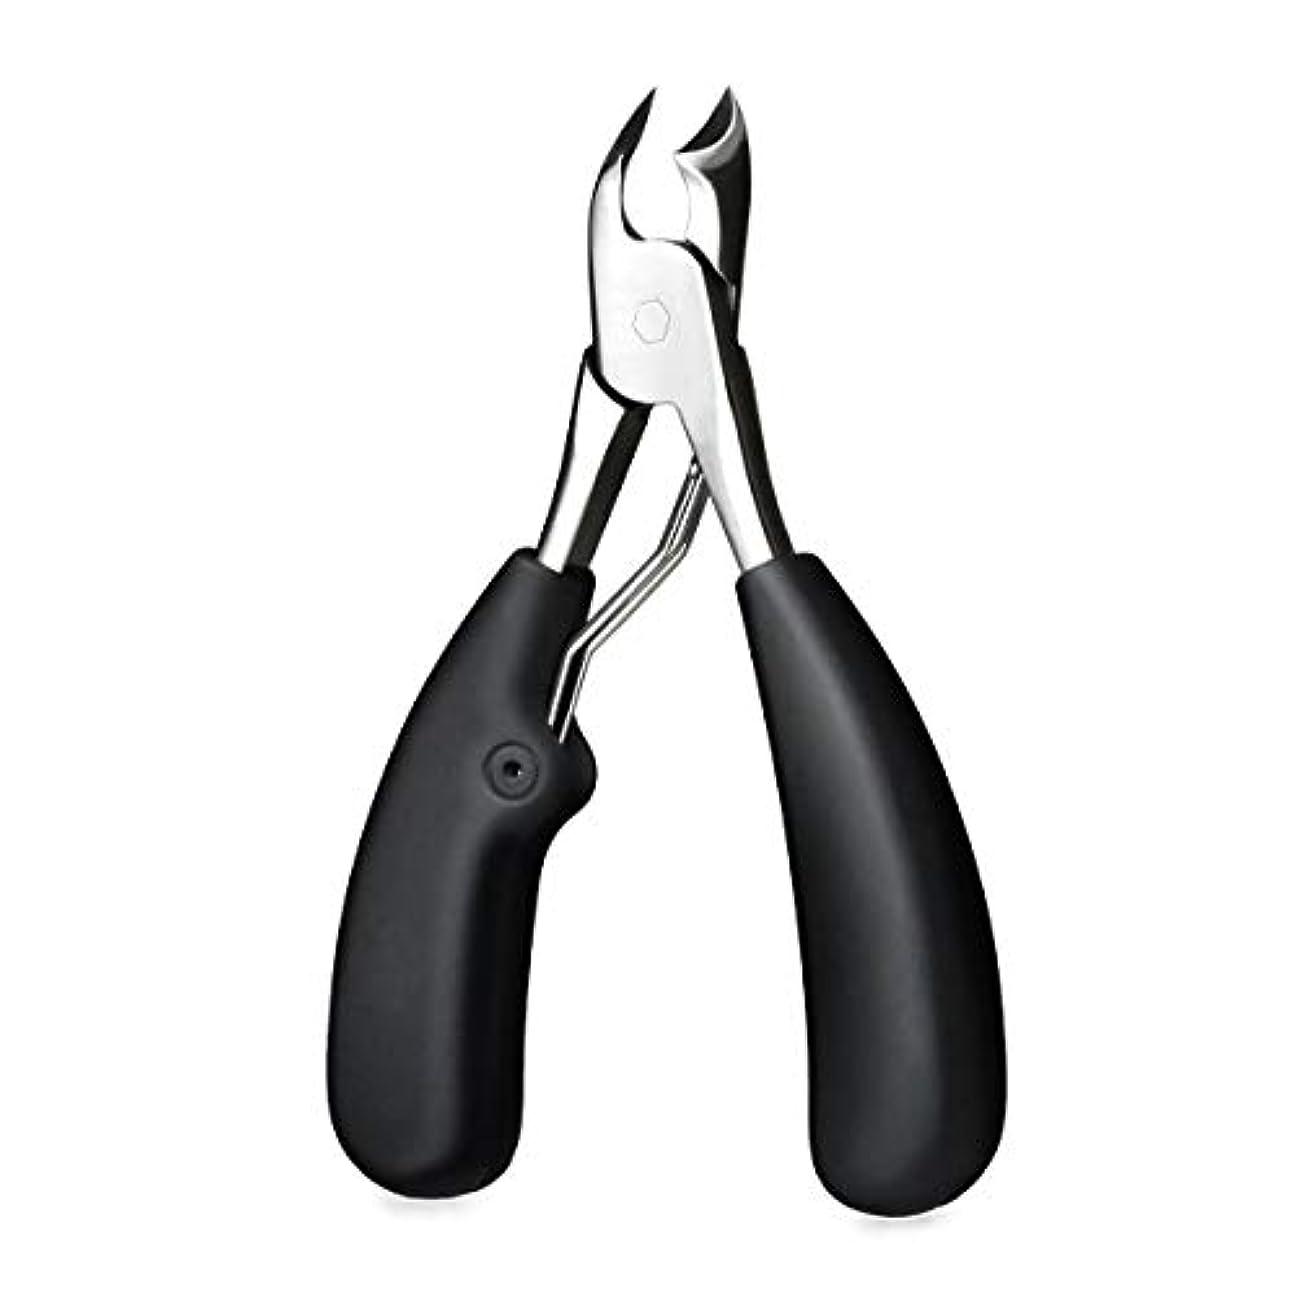 異常やめるこんにちは高級ステンレス製爪切り ニッパー 巻き爪 硬い爪などにも対応 爪切り 爪 変形爪などに最適 ネイルケアセット